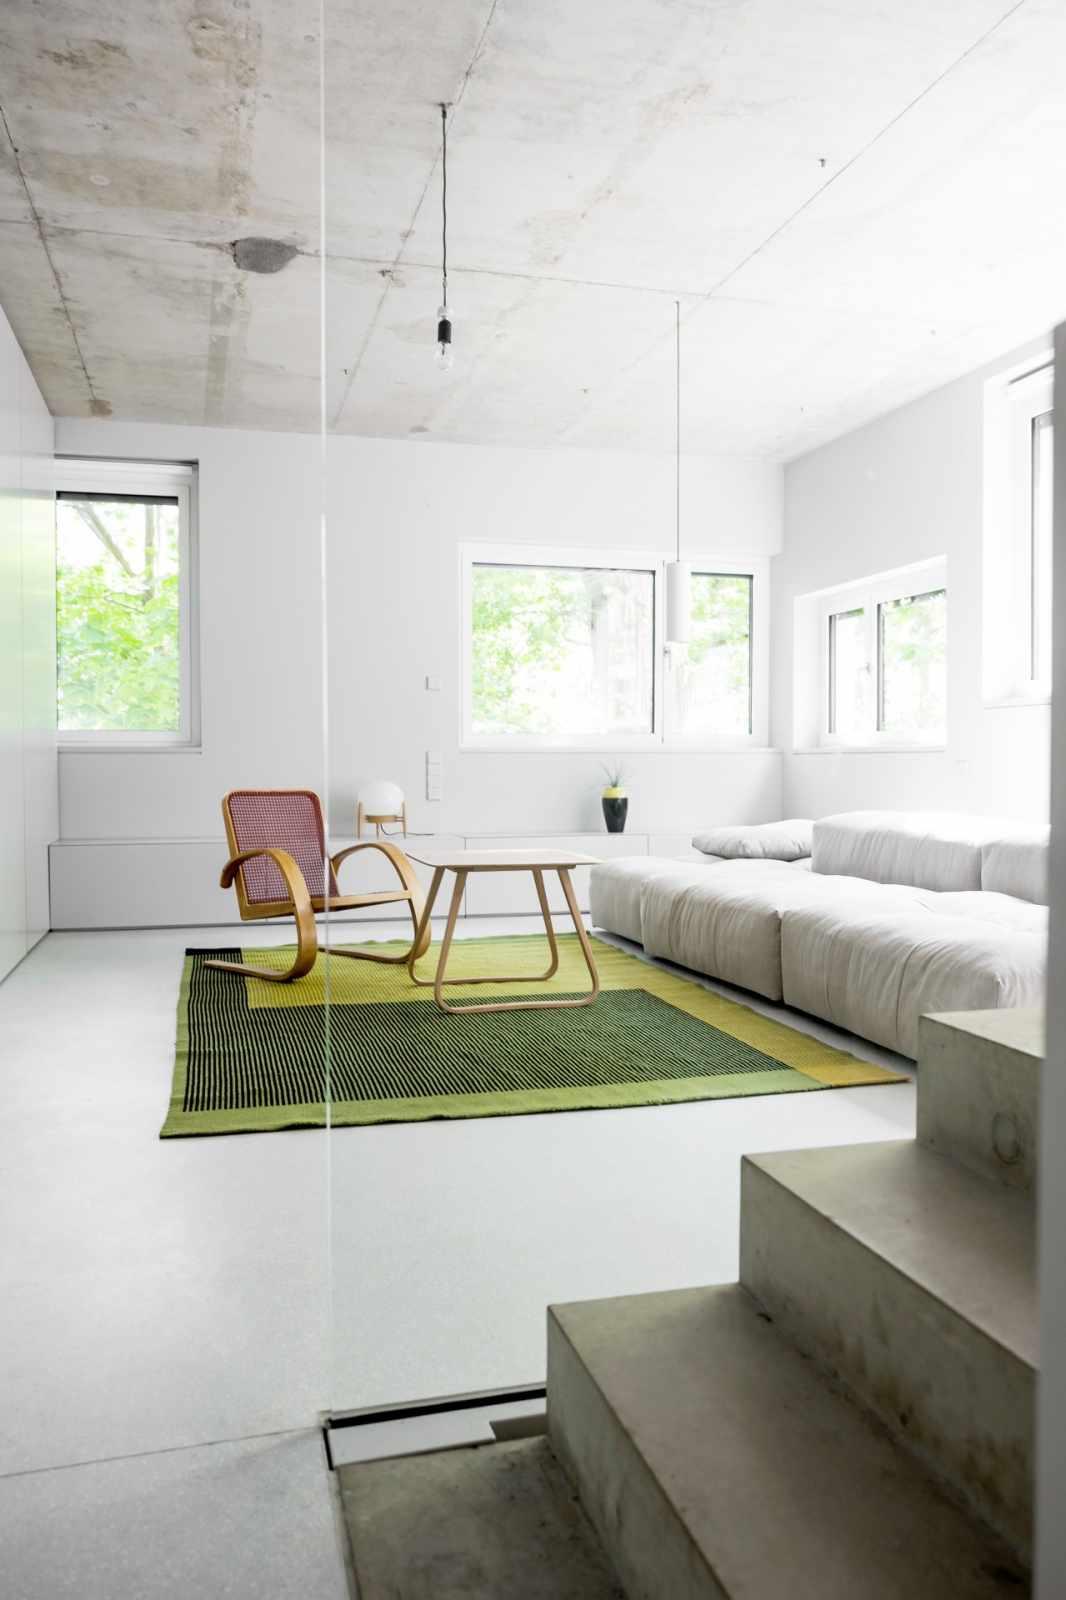 House on Prenzlauer Berg green rug